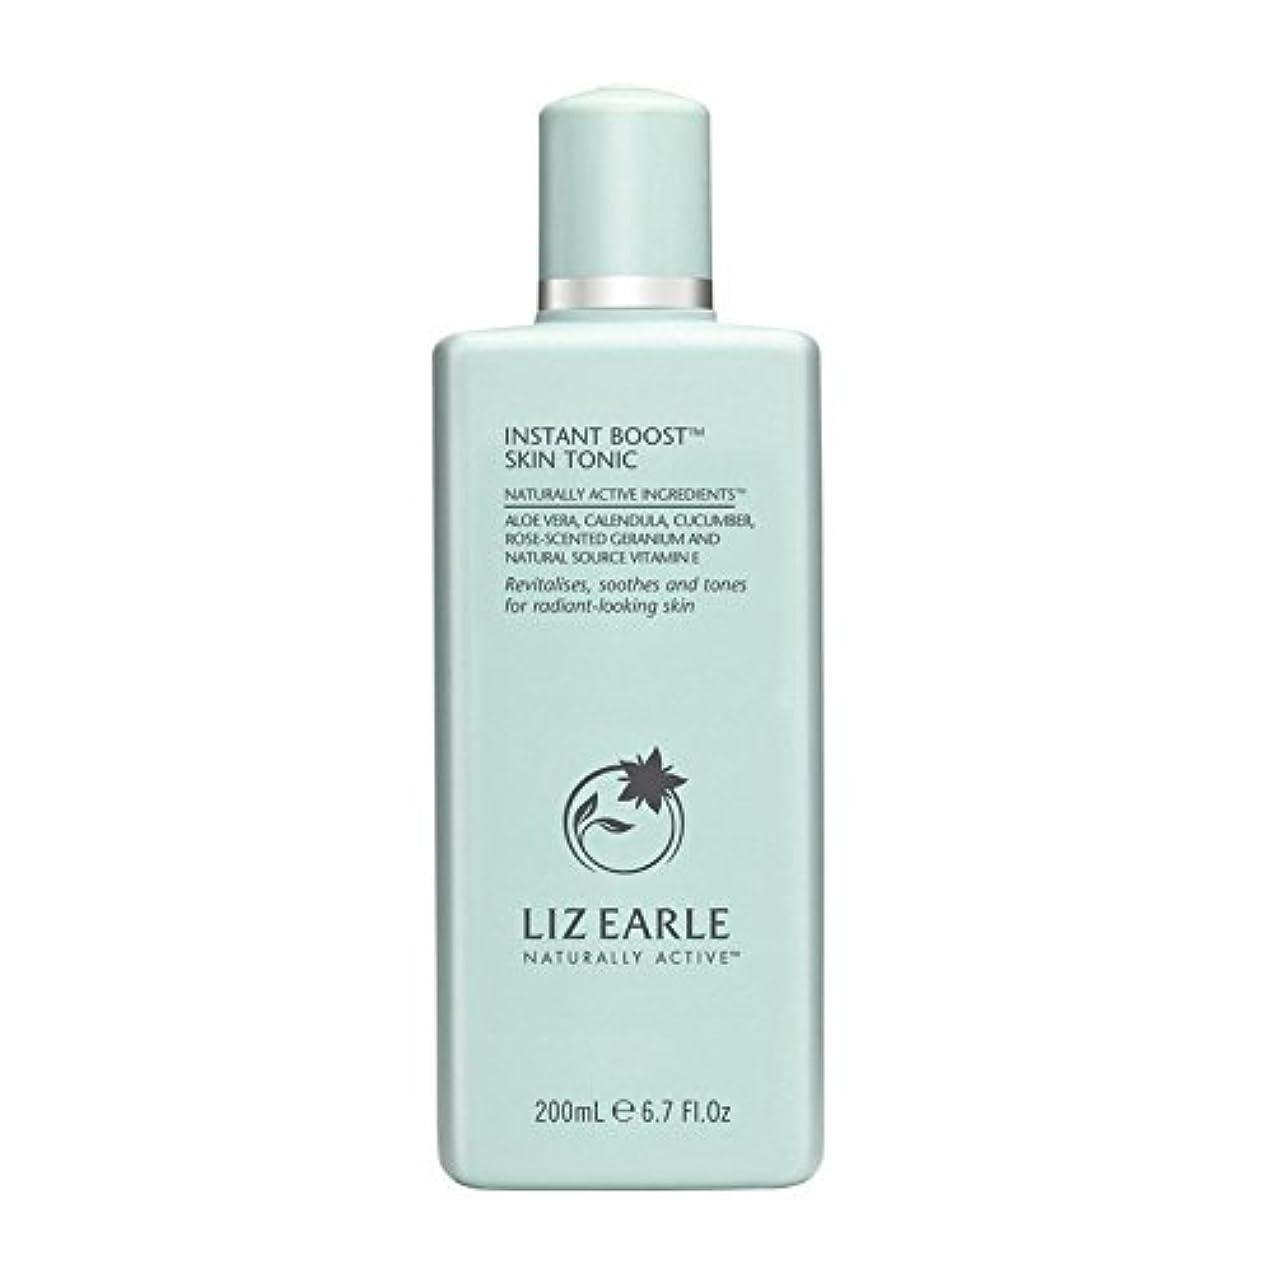 金曜日配管望ましいリズアールインスタントブーストスキントニックボトル200ミリリットル x2 - Liz Earle Instant Boost Skin Tonic Bottle 200ml (Pack of 2) [並行輸入品]